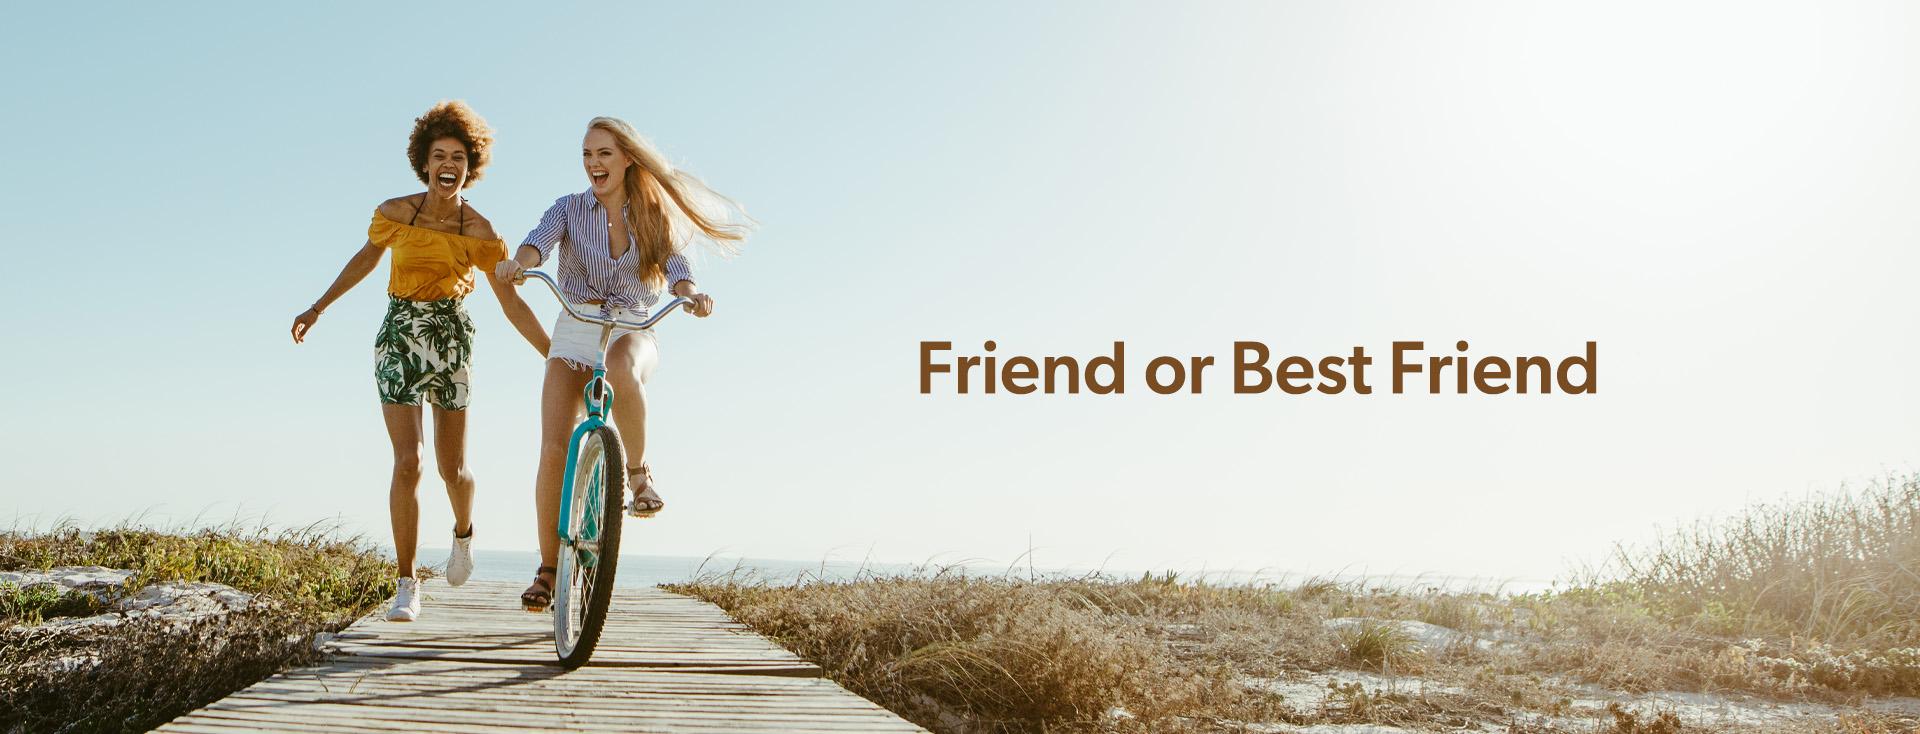 Friend or Best Friend